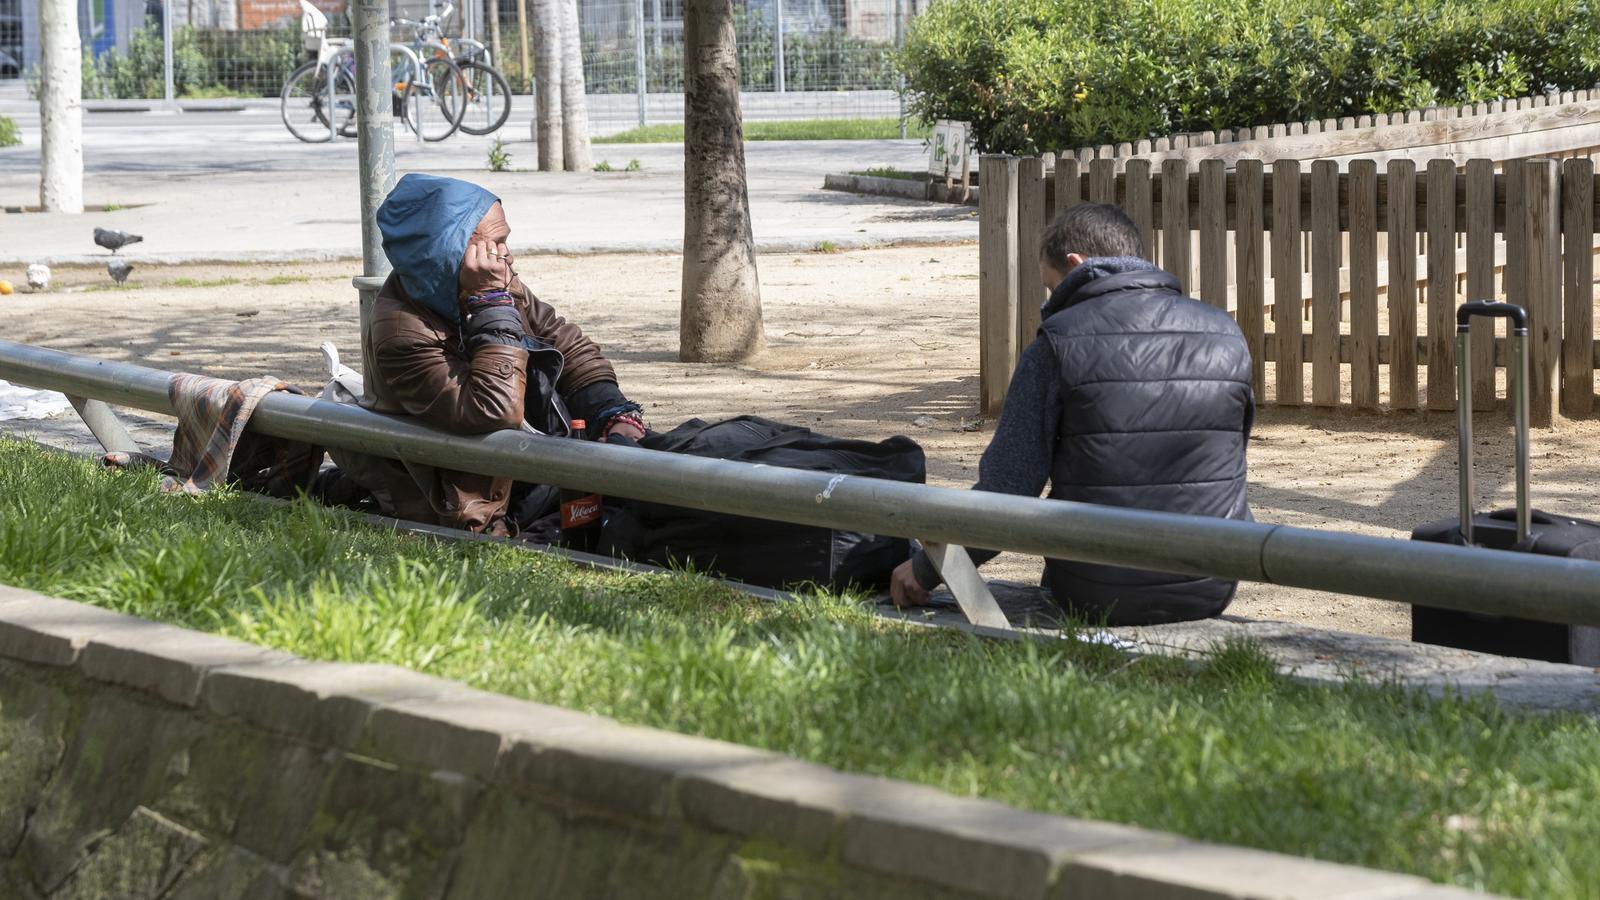 Unes persones sense llar al carrer durant el confinament